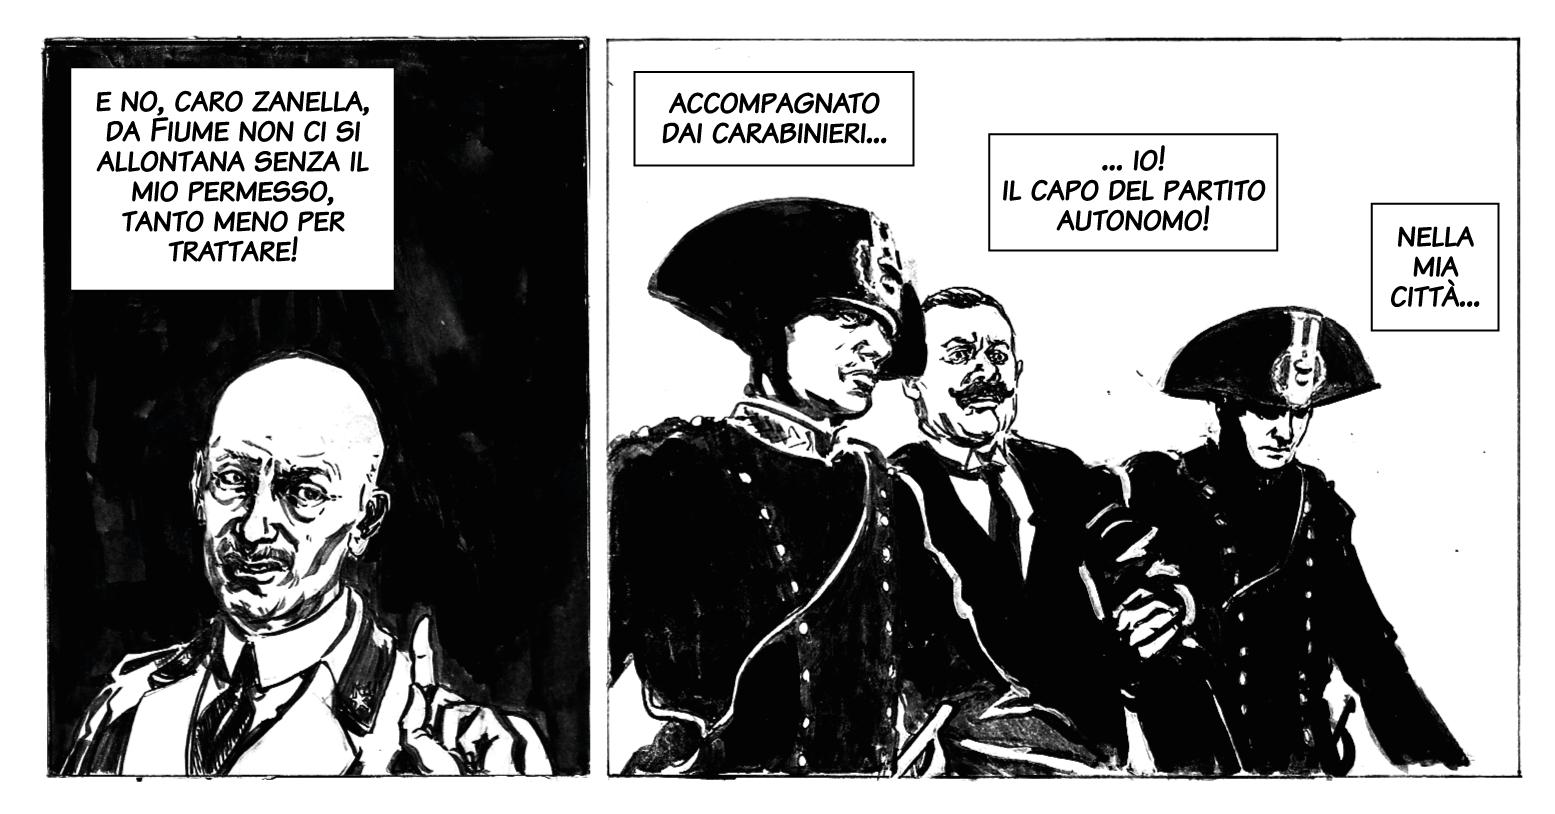 Zanella tratto in arresto / Zanella fra i carabinieri. Disegno di Giulia Giaccaglia ©